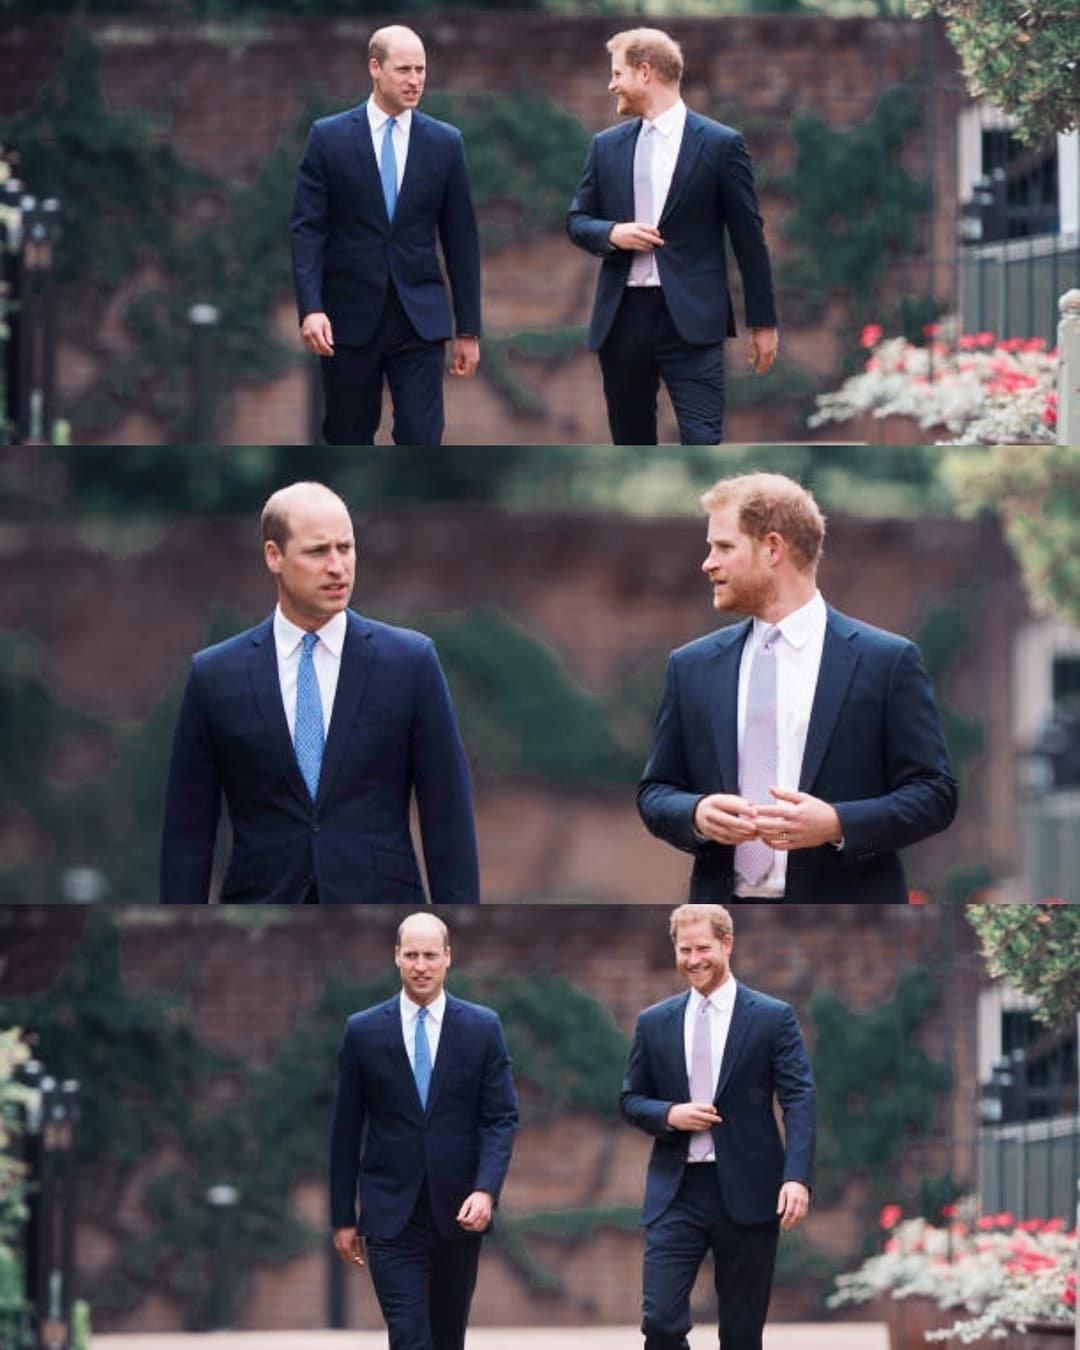 потепление в отношениях принцев гарри и уильяма